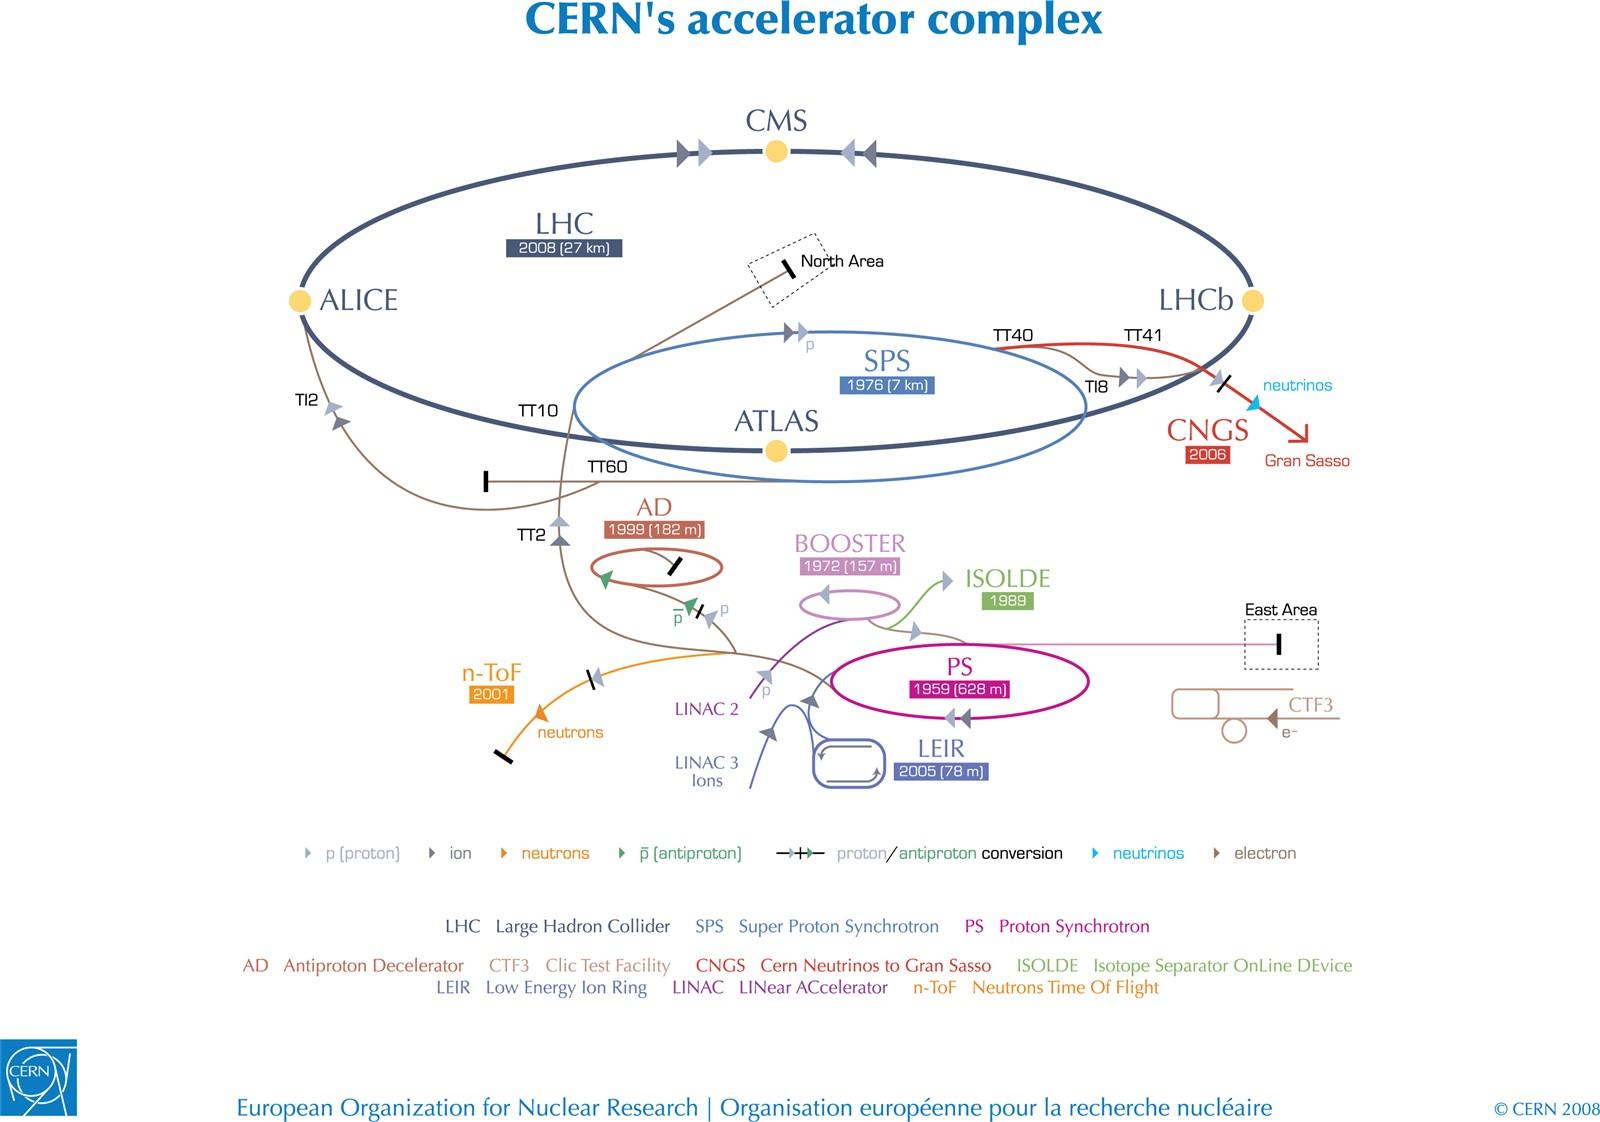 hight resolution of cern acc complex jpg